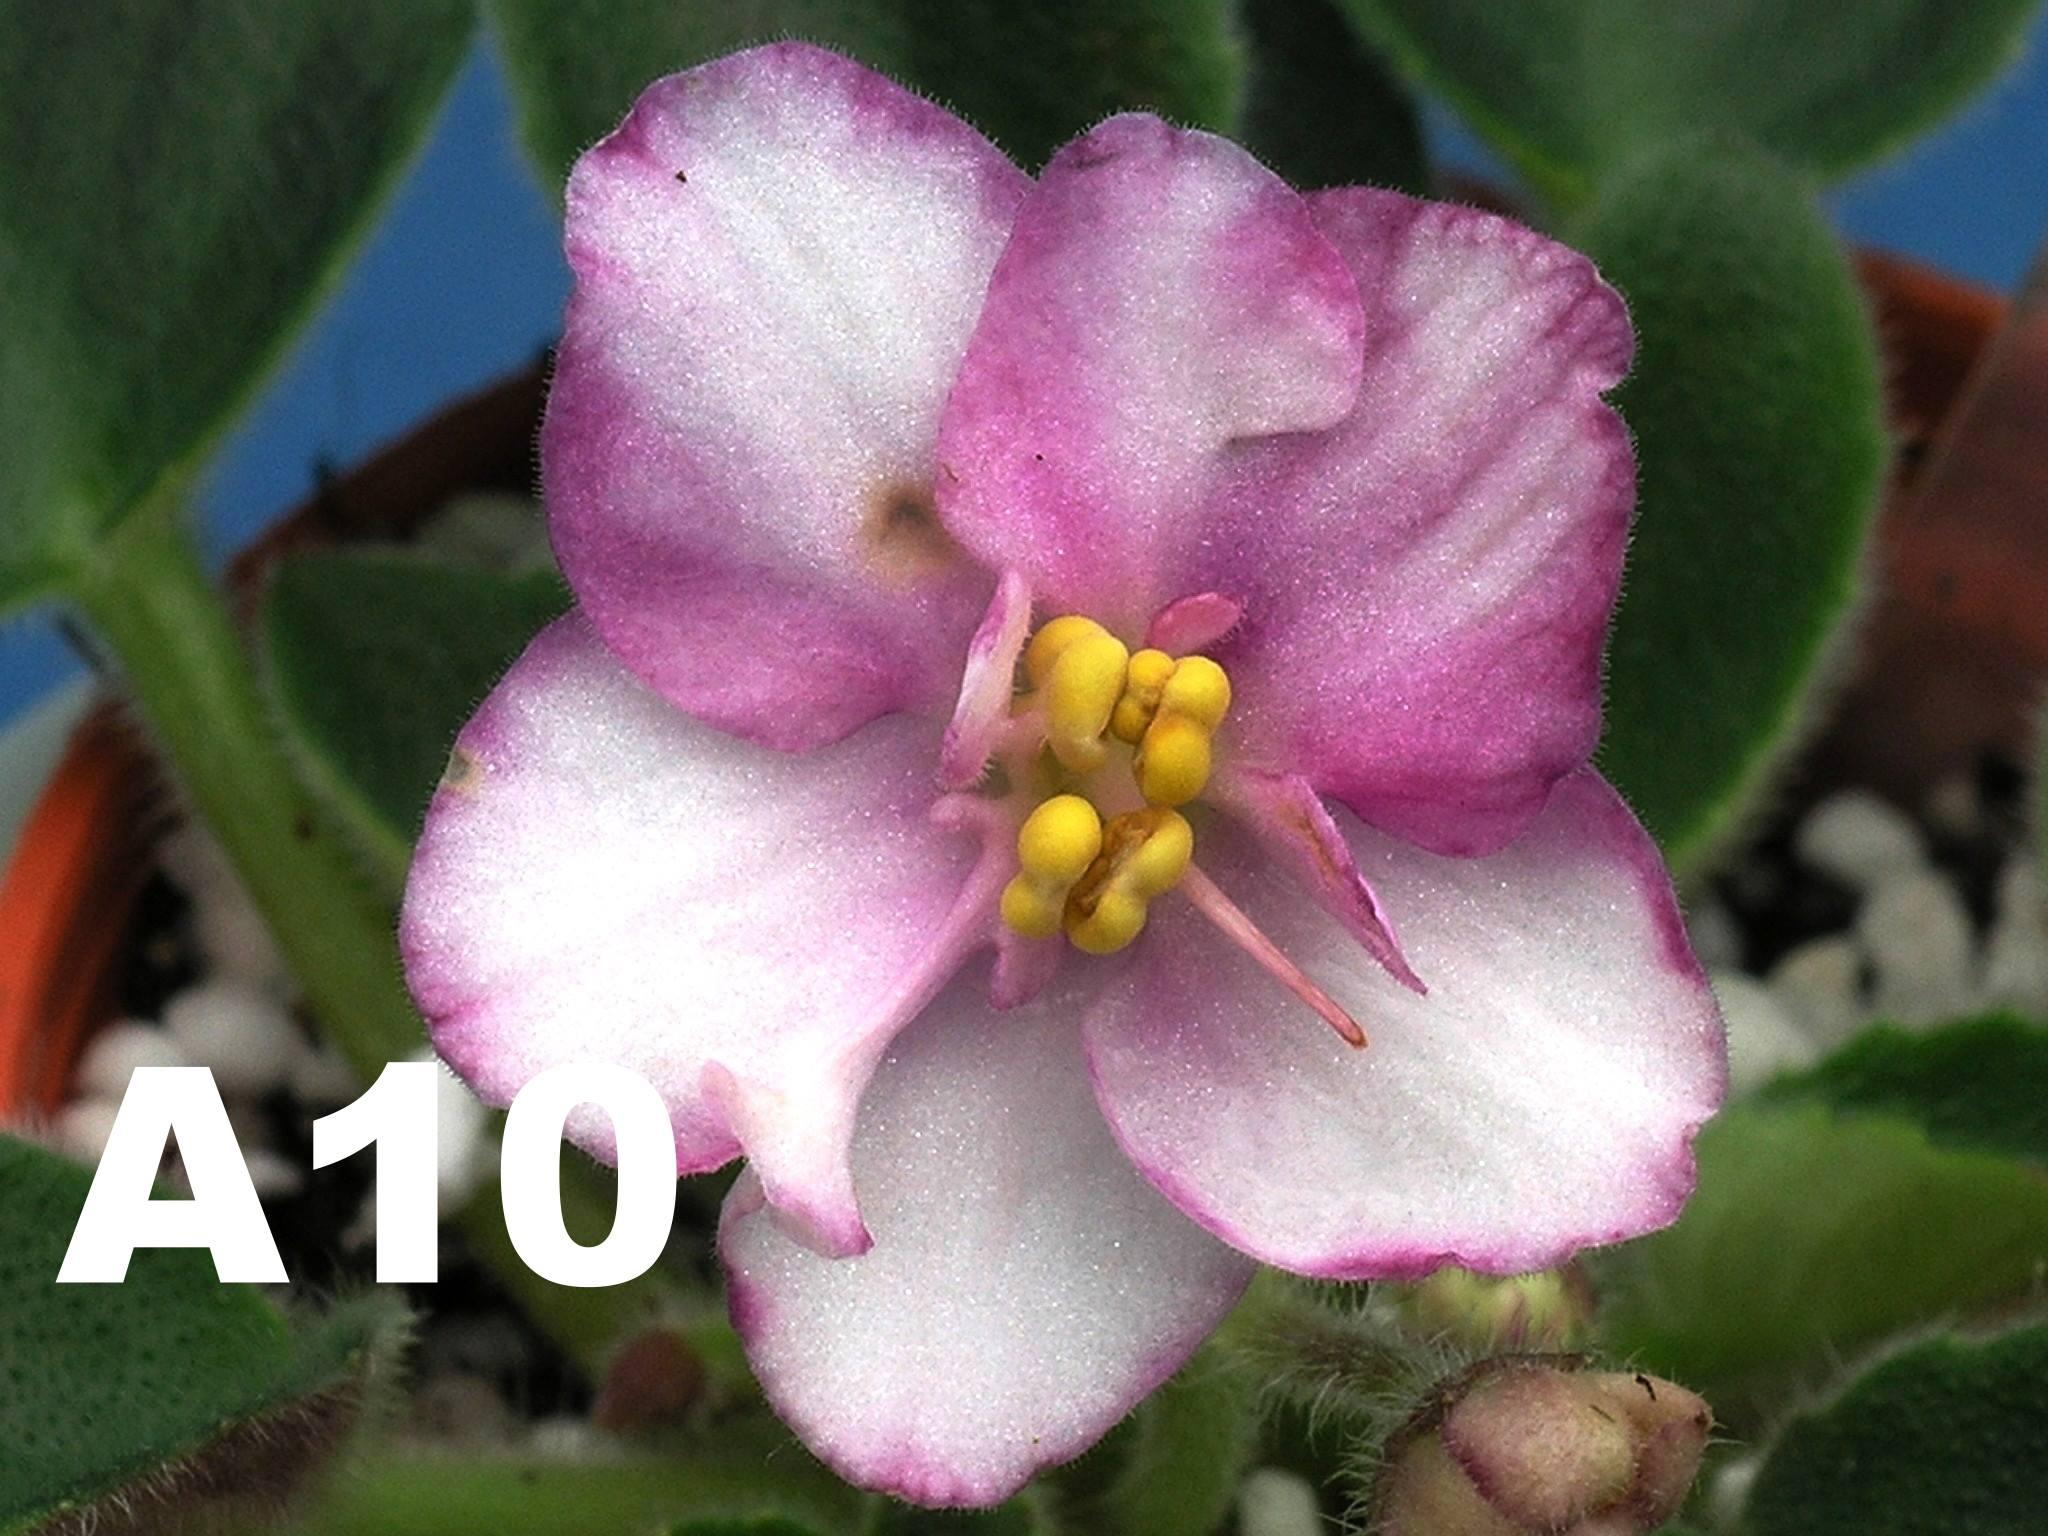 非洲紫羅蘭名錄 | African Violets Catalogue - A系列 A10